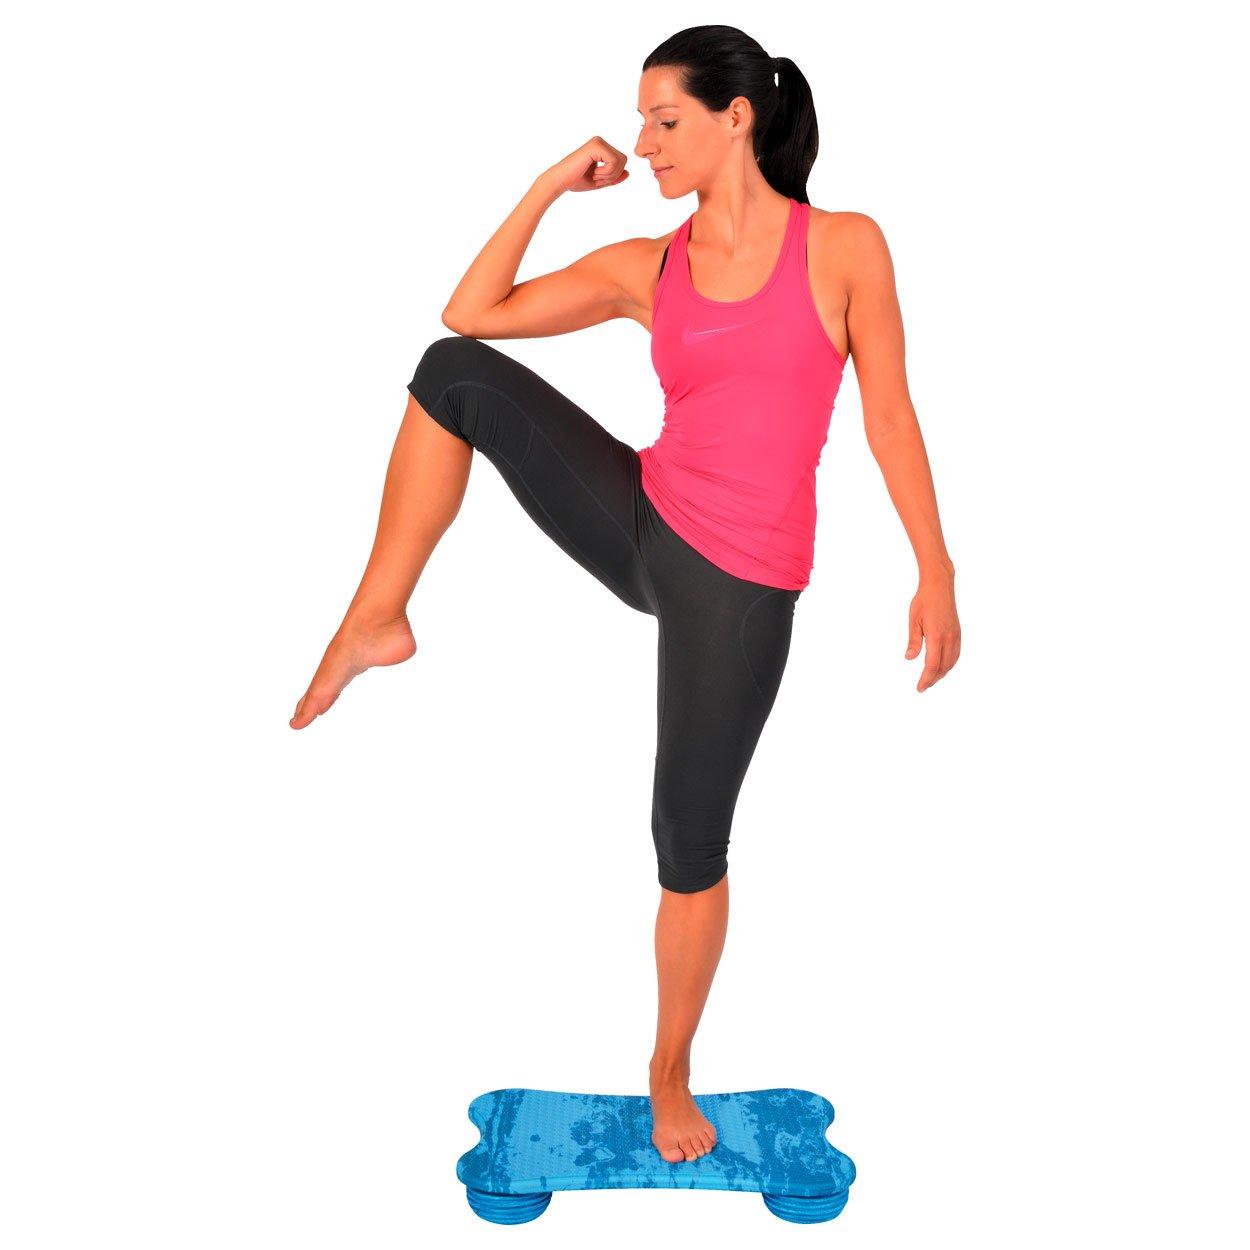 BAMUSTA Placa Koordinationstrainer Balancetrainer Gleichgewichtstrainer 60x39 cm